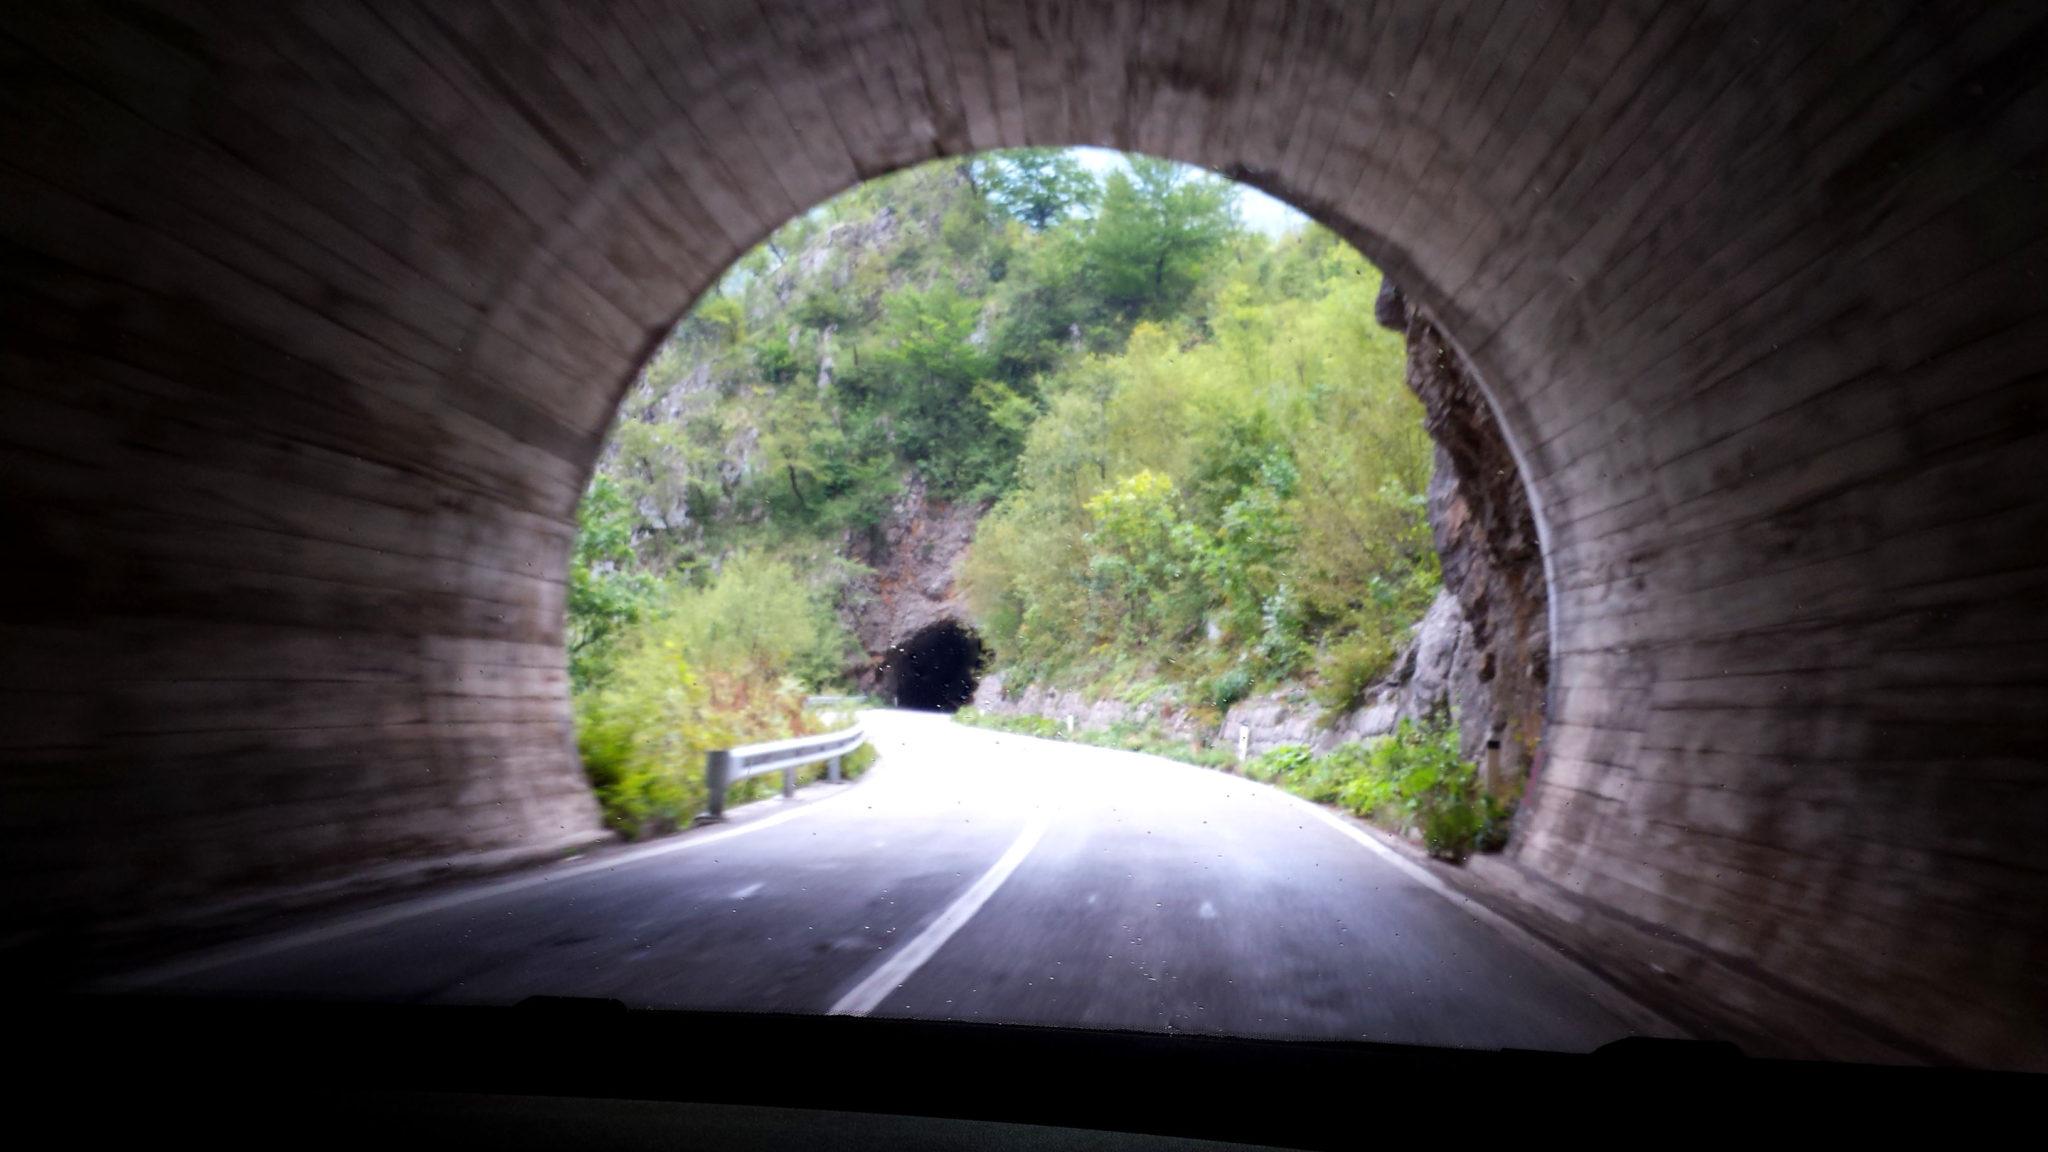 Hemaposesesvalises_montenegro_rafting_canyon_de_la_piva_tara_scepan_polje_travel_voyage_blog18